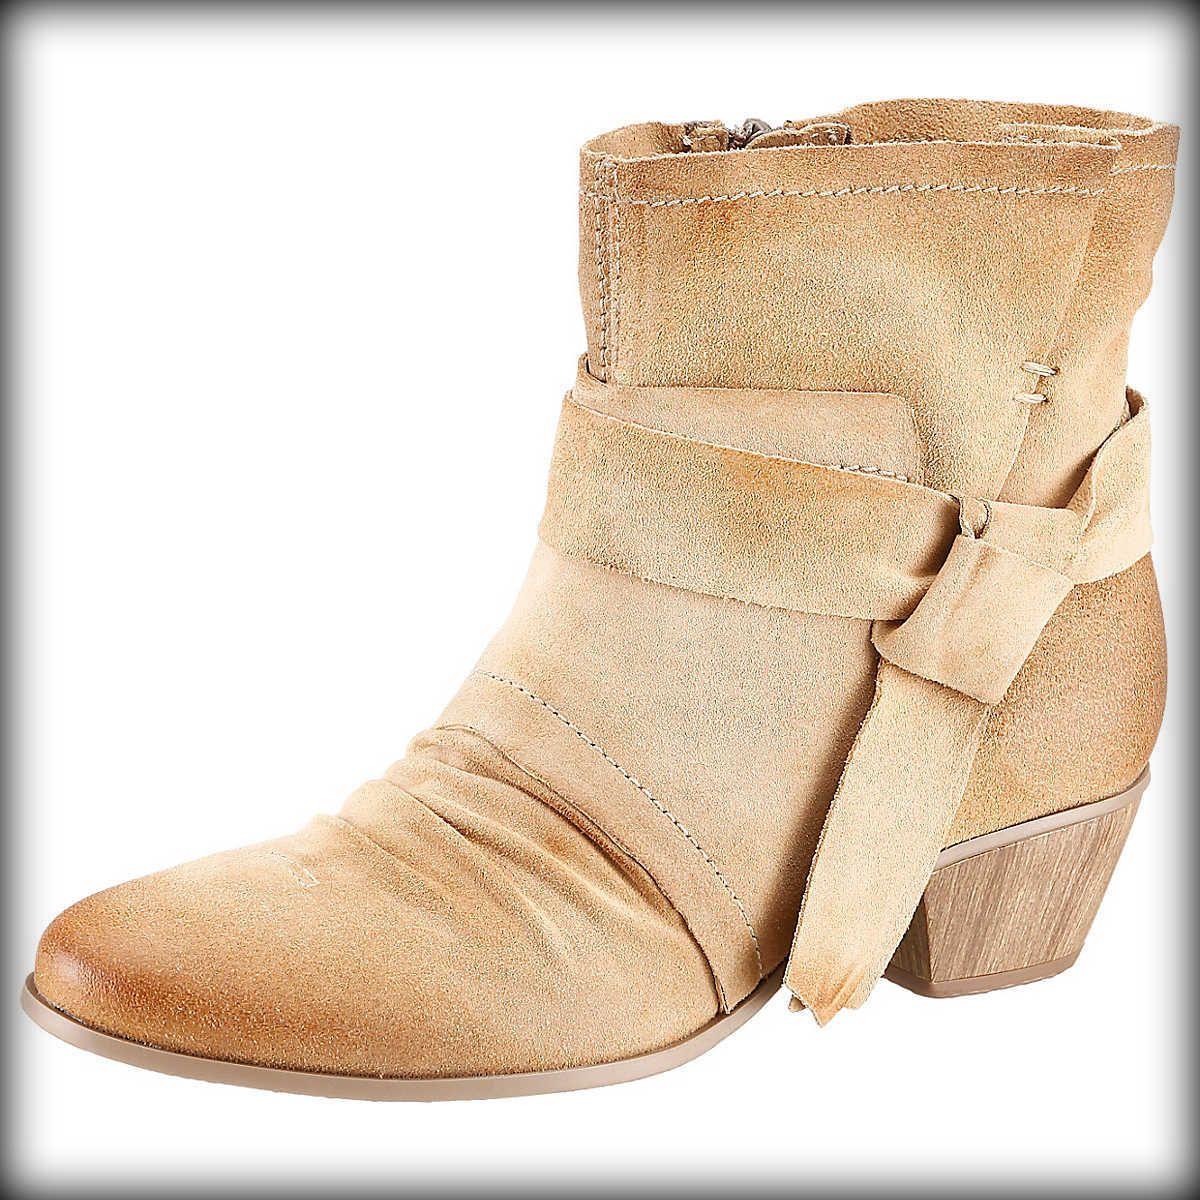 Mjus Stiefeletten | Schuhe damen, Damenschuhe und Stiefeletten